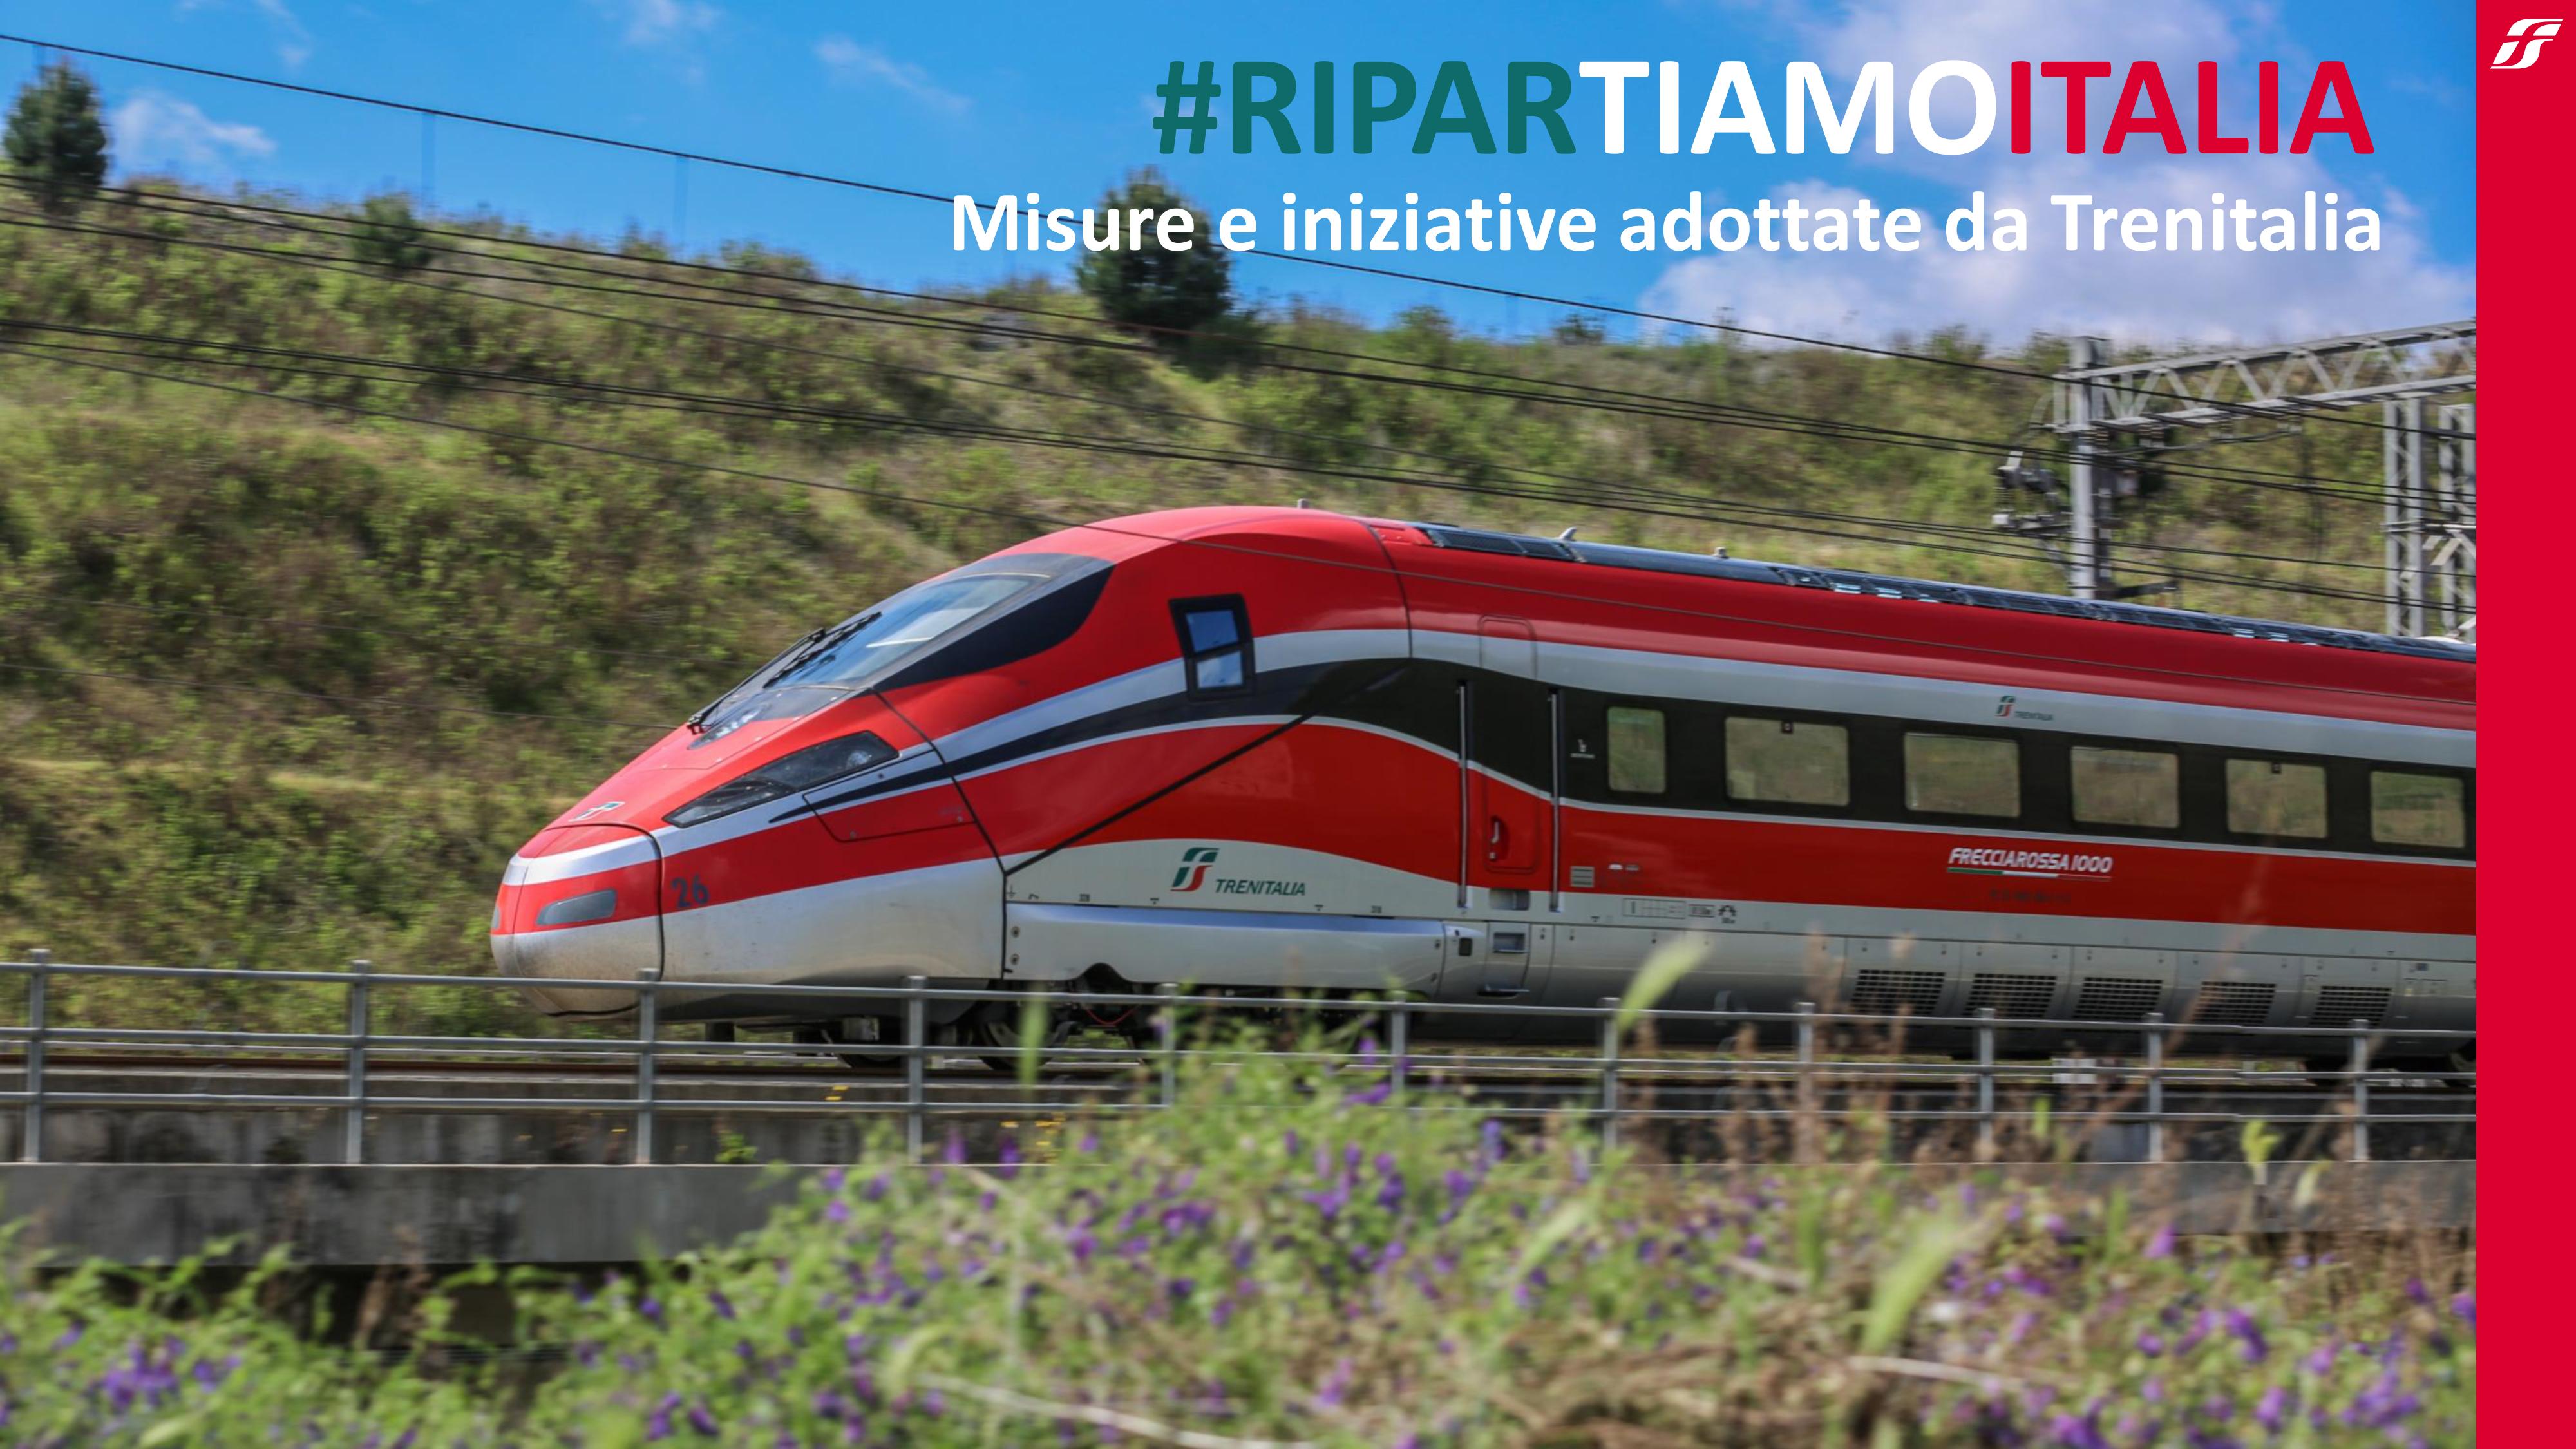 Calendario Cartafreccia 2021 Unirete: #RiparTIAMOItalia – Presentate da Trenitalia le